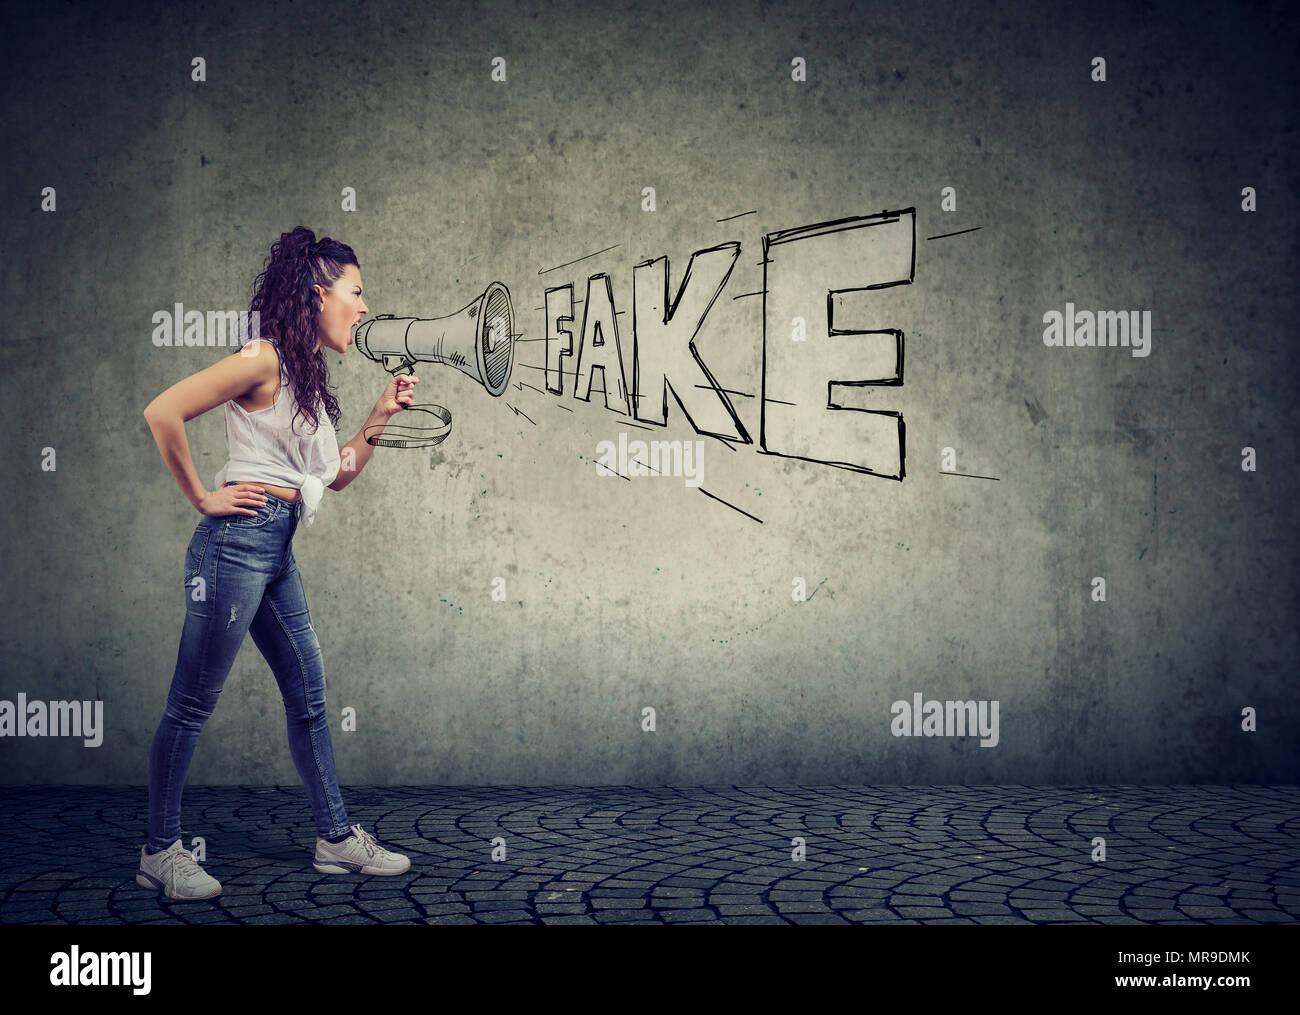 Seitenansicht des Casual Mädchen schreien mit Megafon, gefälschte Nachrichten und Propaganda auf grauem Hintergrund. Stockbild